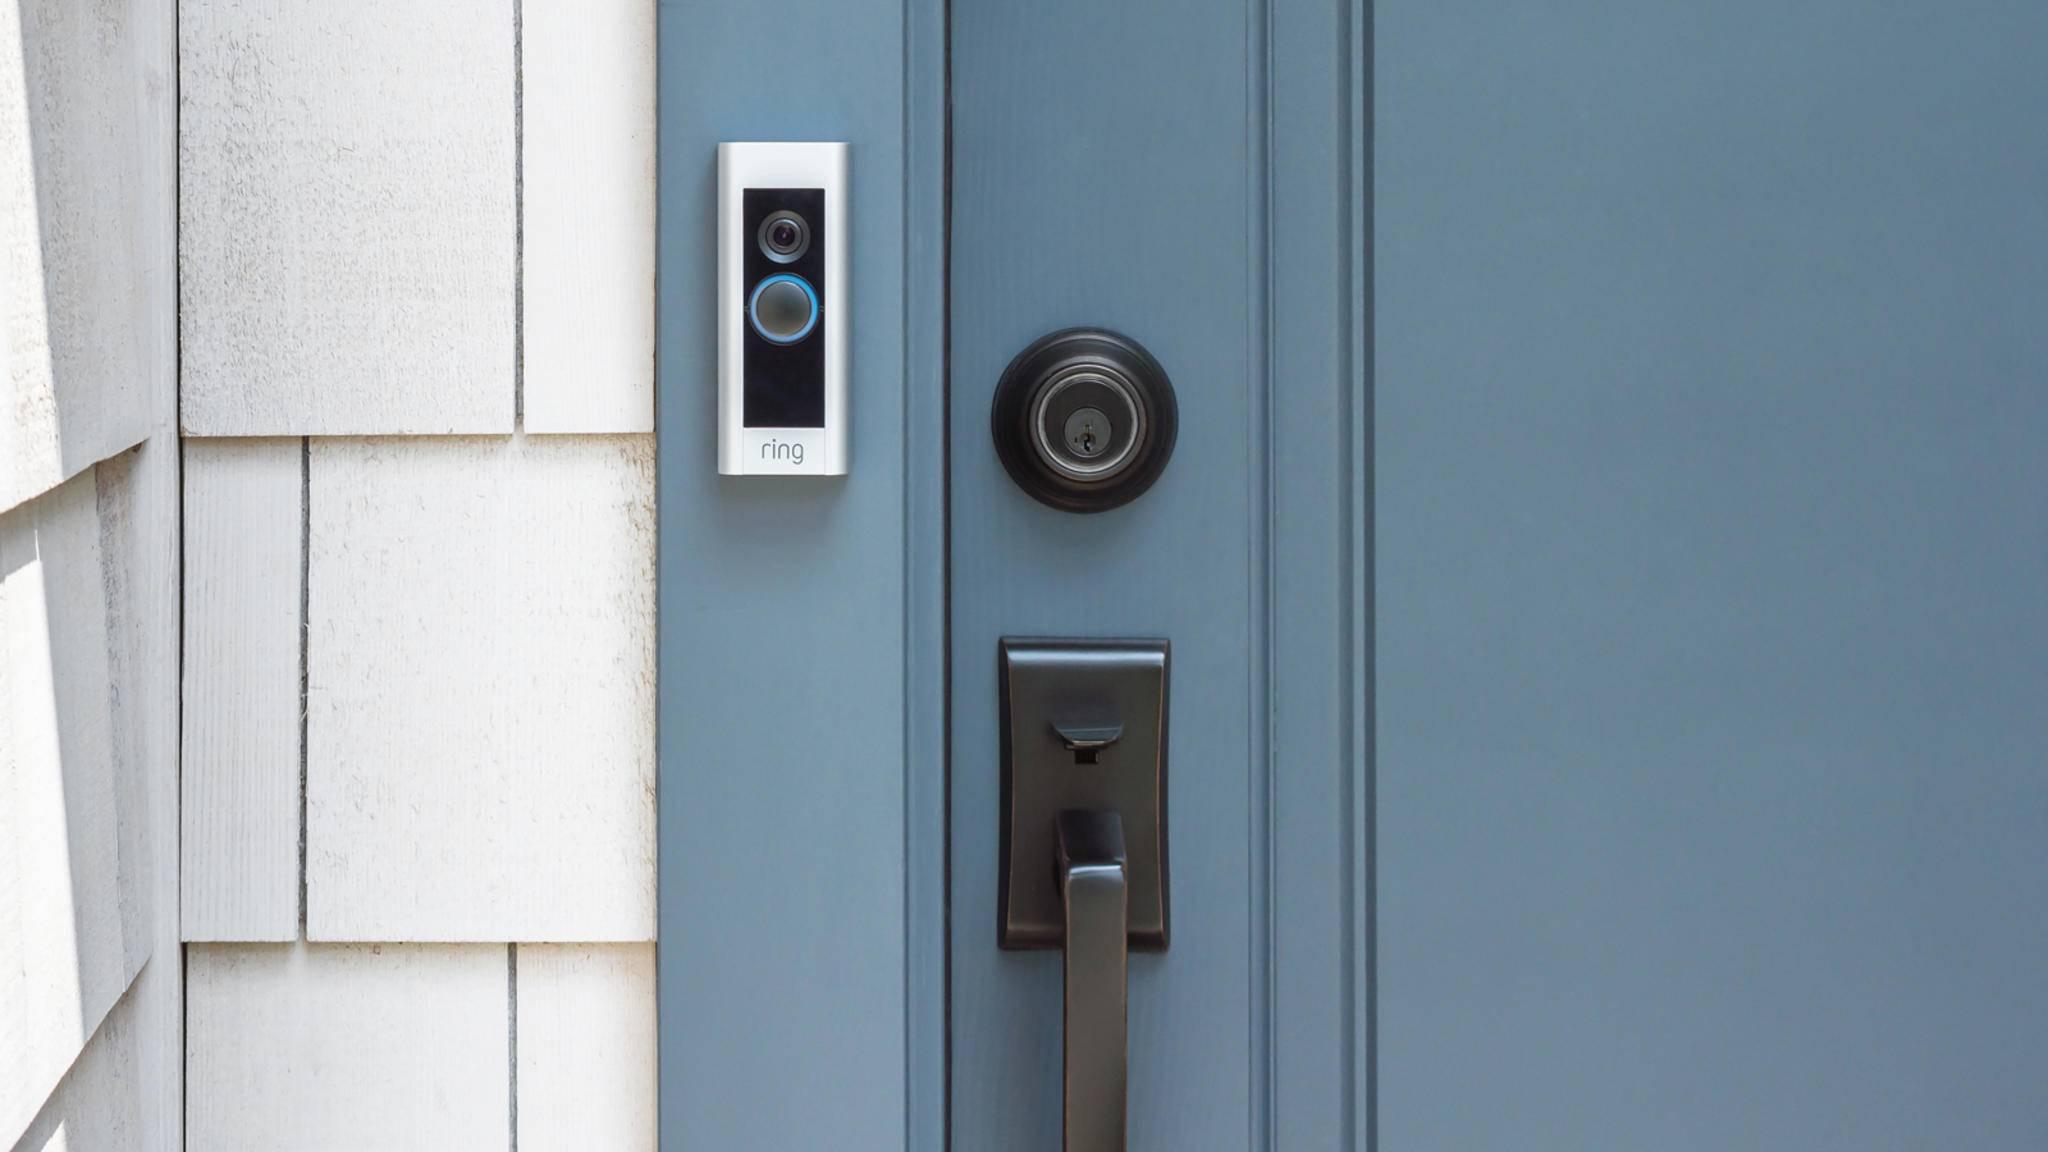 Smart-Home-Hersteller Ring übernimmt auf Wunsch künftig eine Schlüsselfunktion in Deinem intelligenten Zuhause.